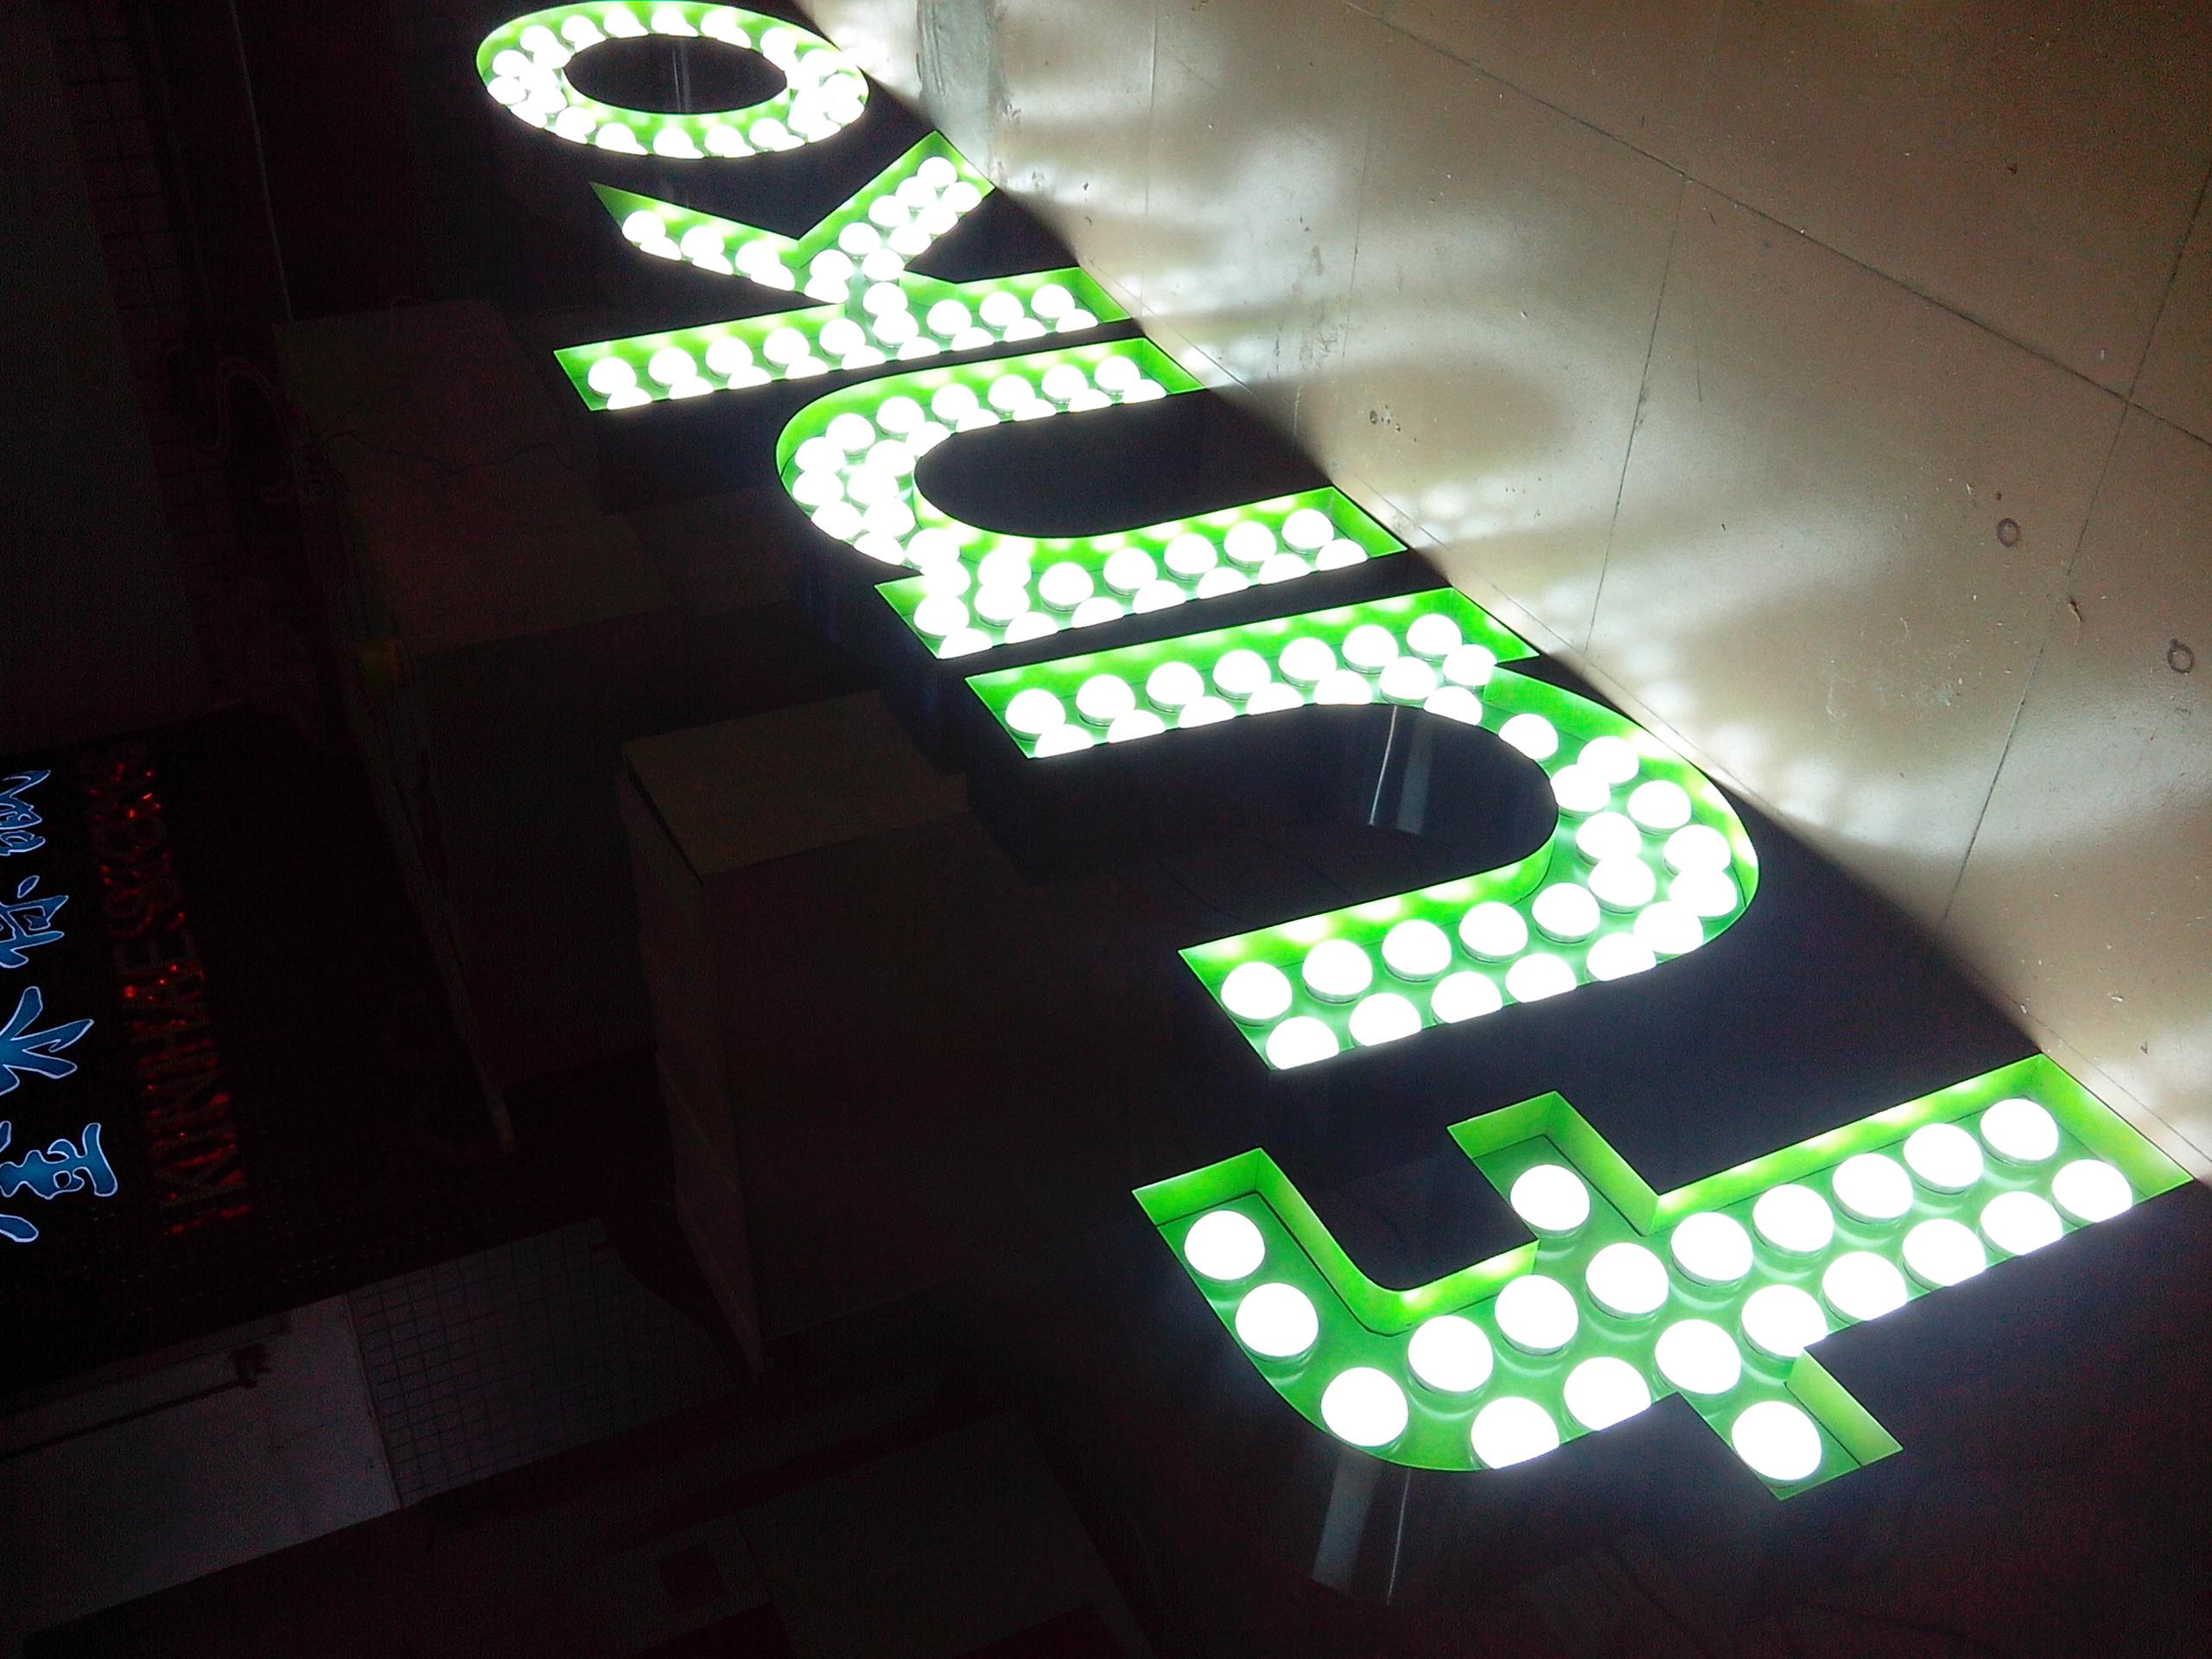 灯泡字灯泡字报价 灯泡字电话 灯泡字批发 灯泡字哪家好 灯泡字供应商